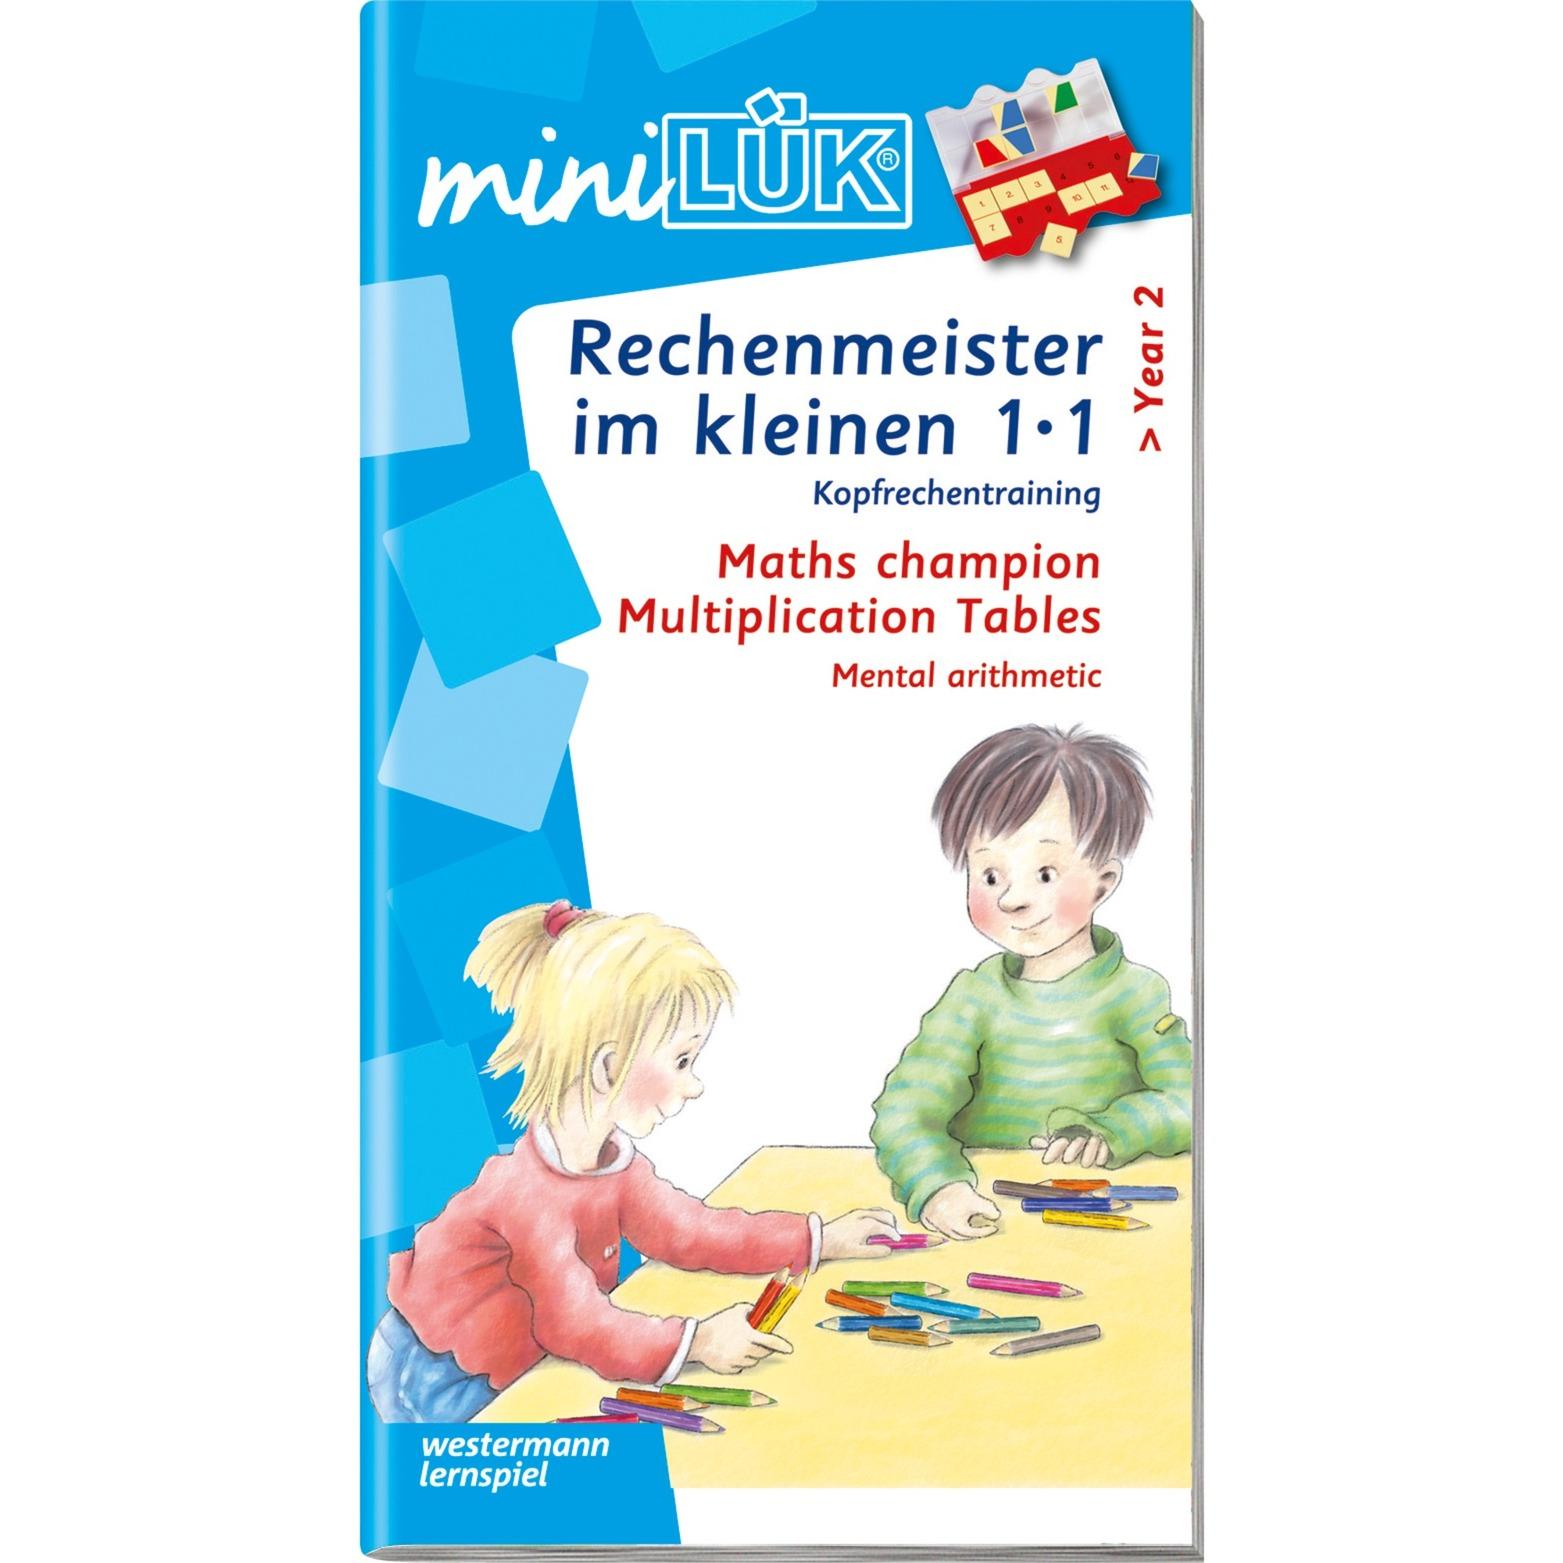 mini-rechenmeister-im-kleinen-1x1-bornebog-bog-til-indlaring-skolebog